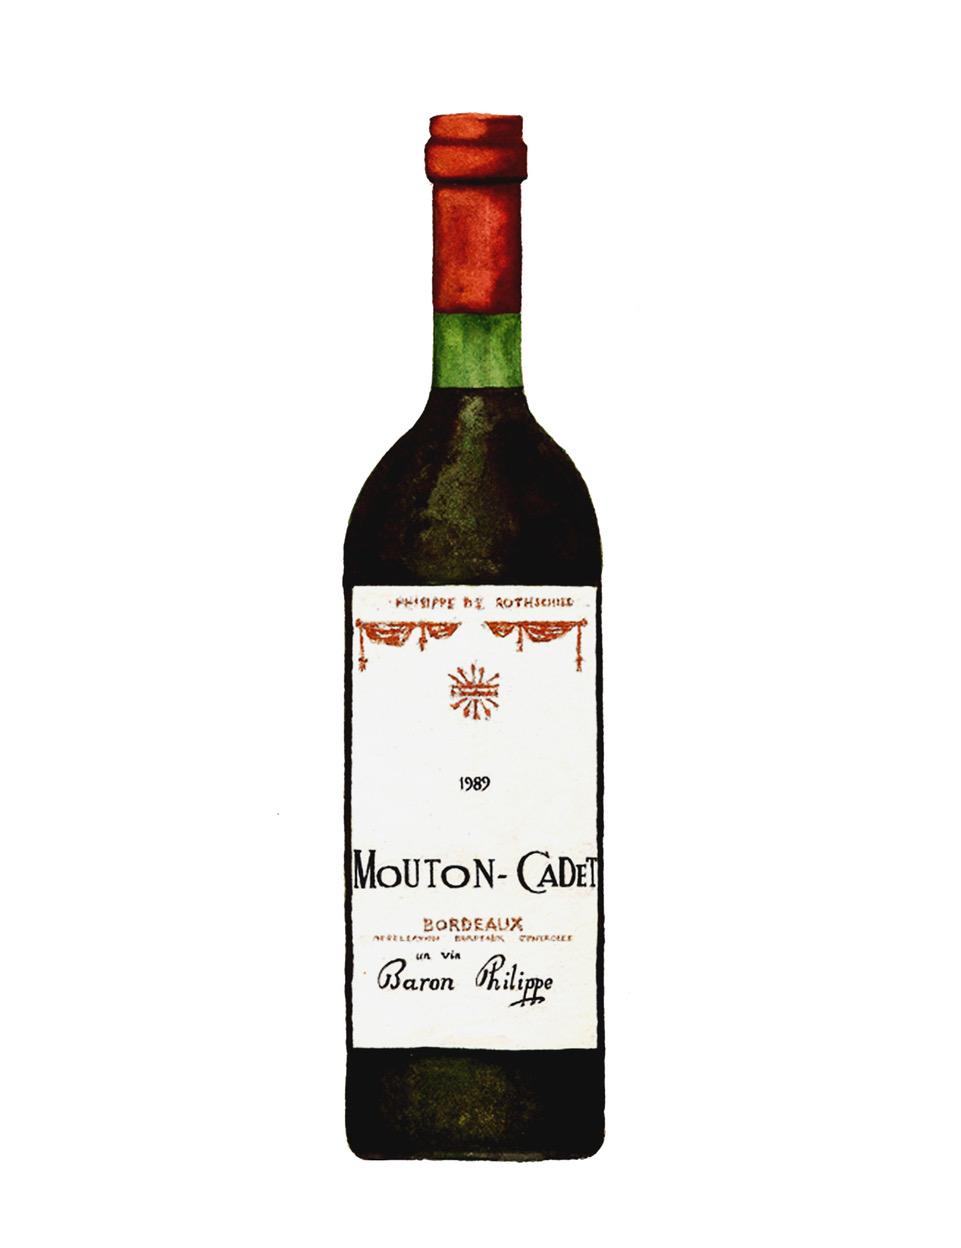 wine bottle card copy 2.jpeg